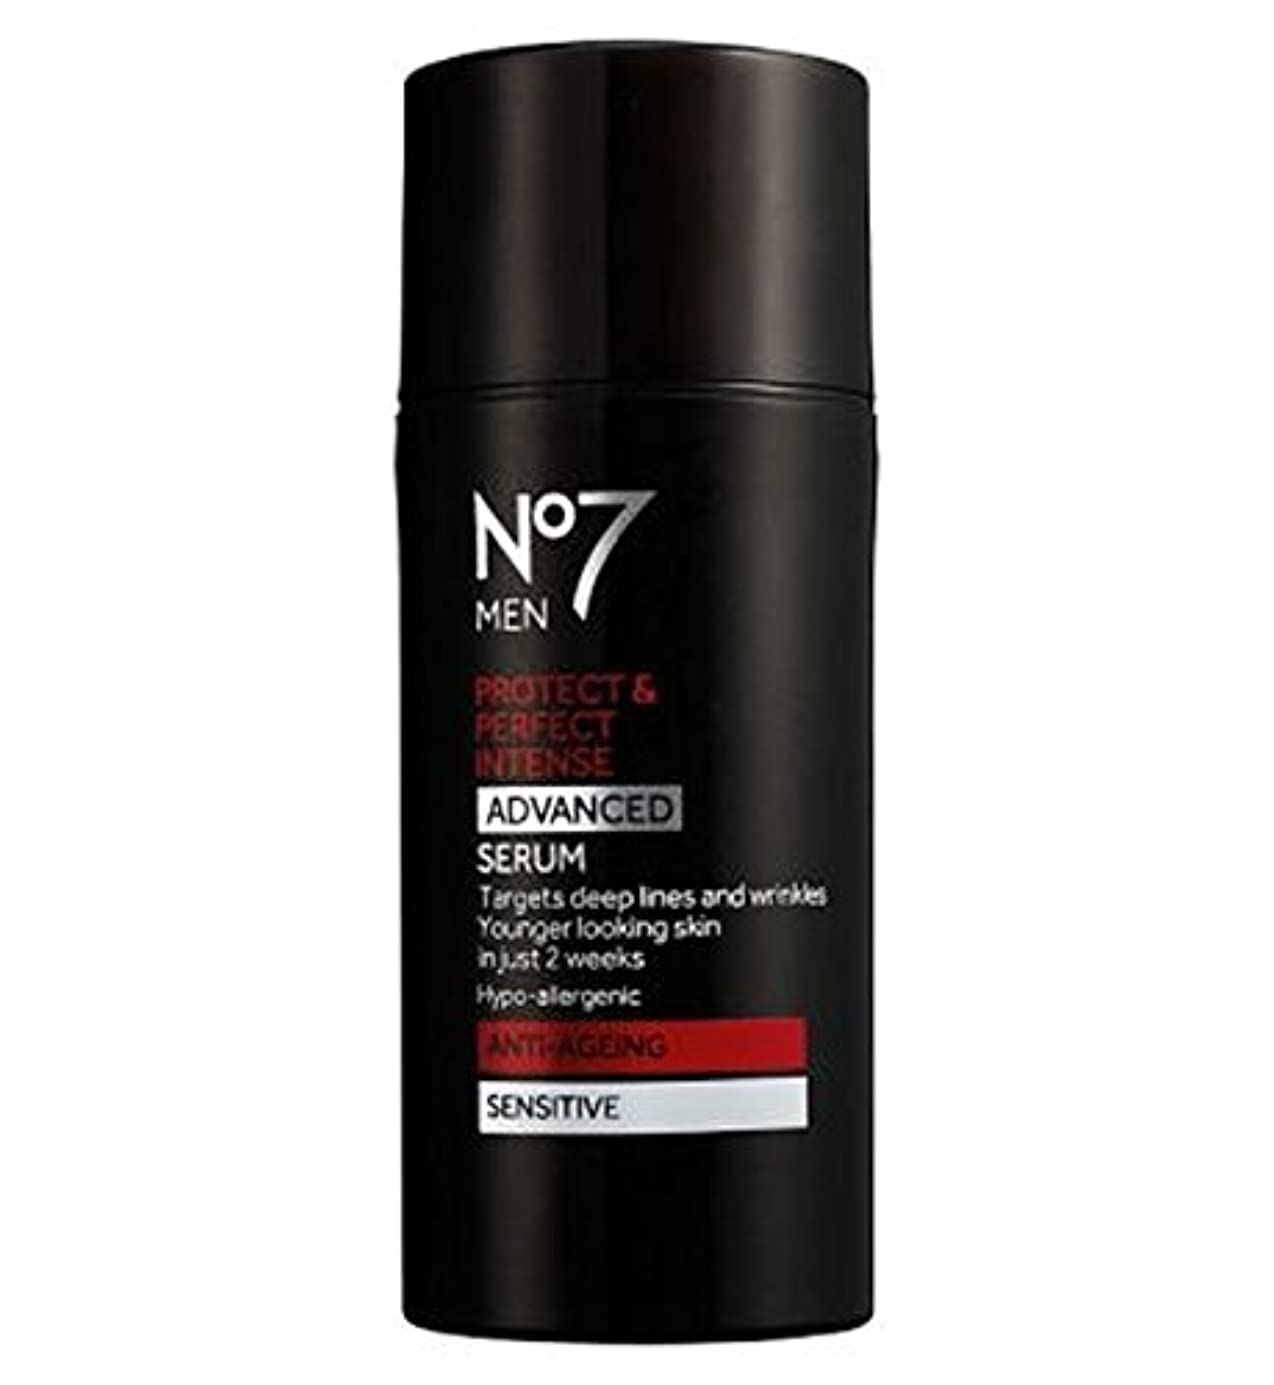 アラブサラボそばに順番No7 Men Protect & Perfect Intense ADVANCED Serum - No7の男性は強烈な高度な血清を保護&完璧 (No7) [並行輸入品]